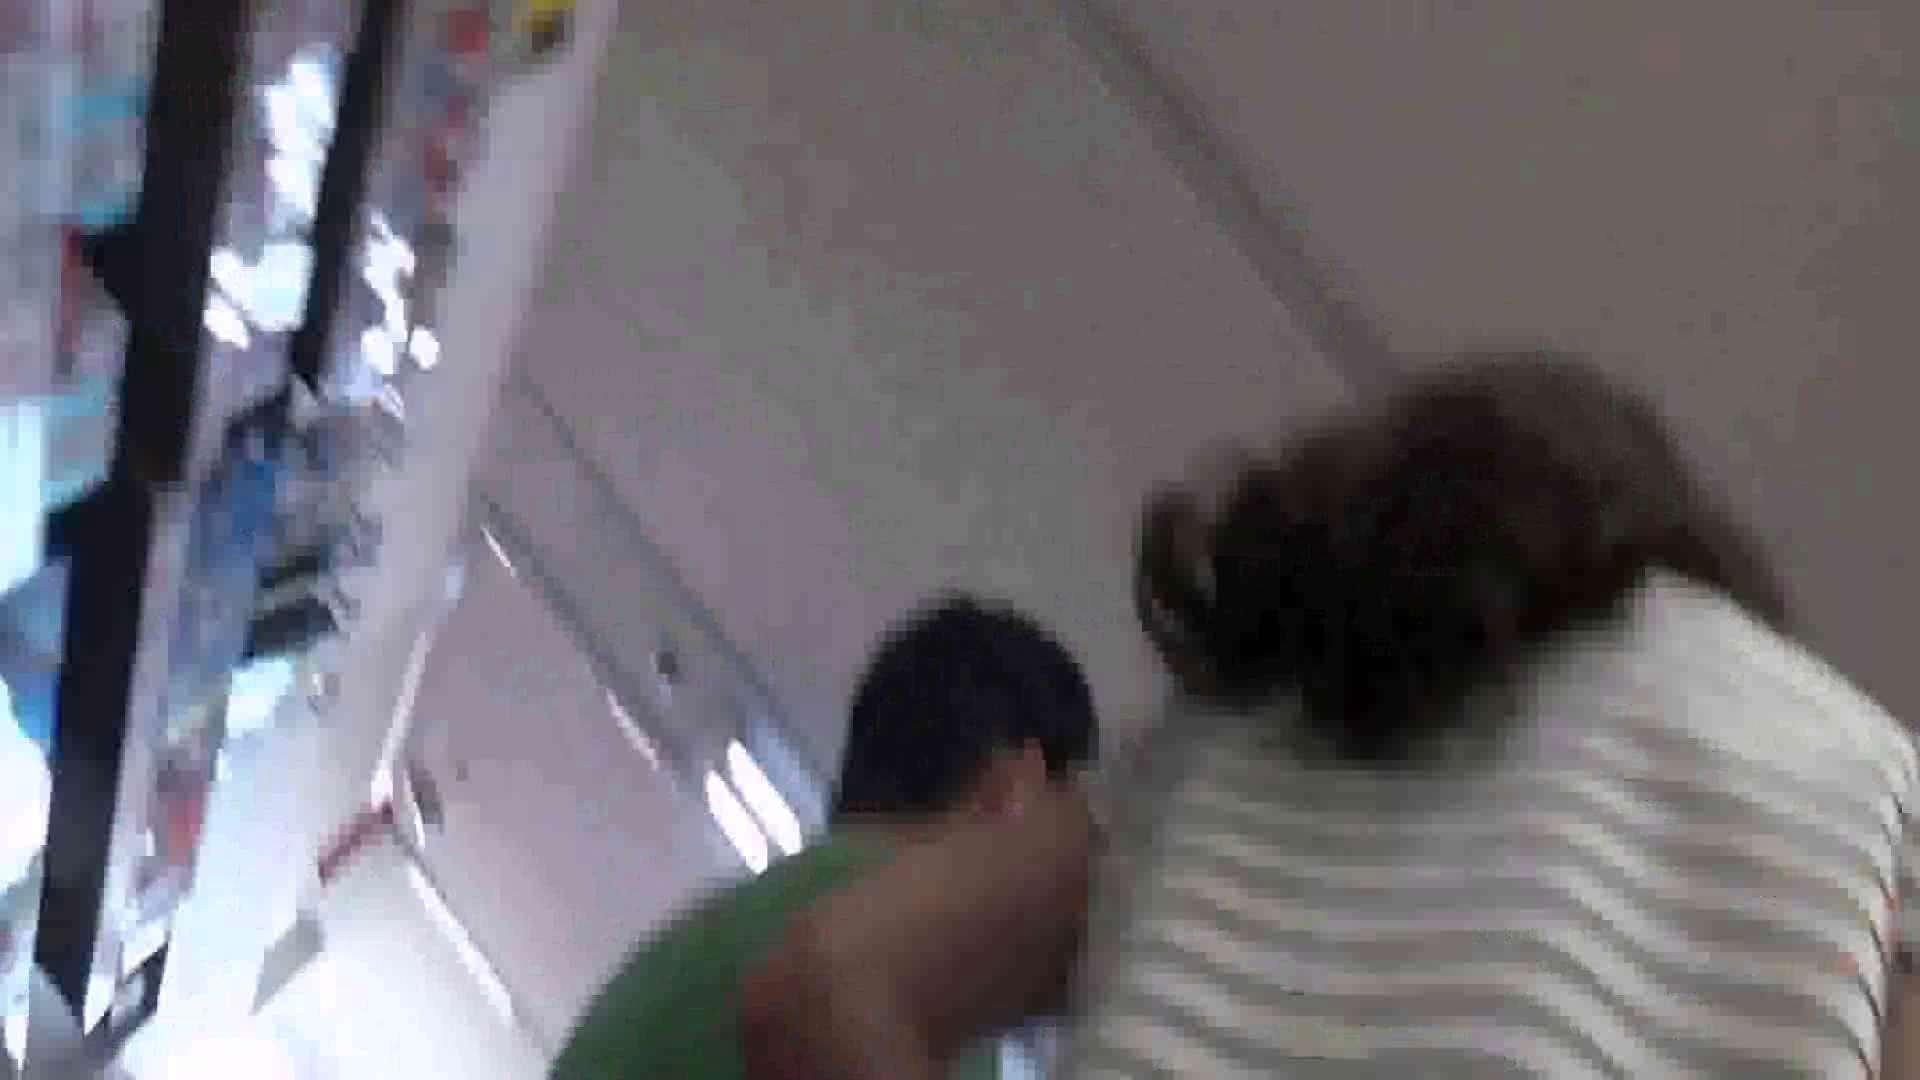 真剣に買い物中のgal達を上から下から狙います。vol.01 HなOL | JKヌード  102pic 58